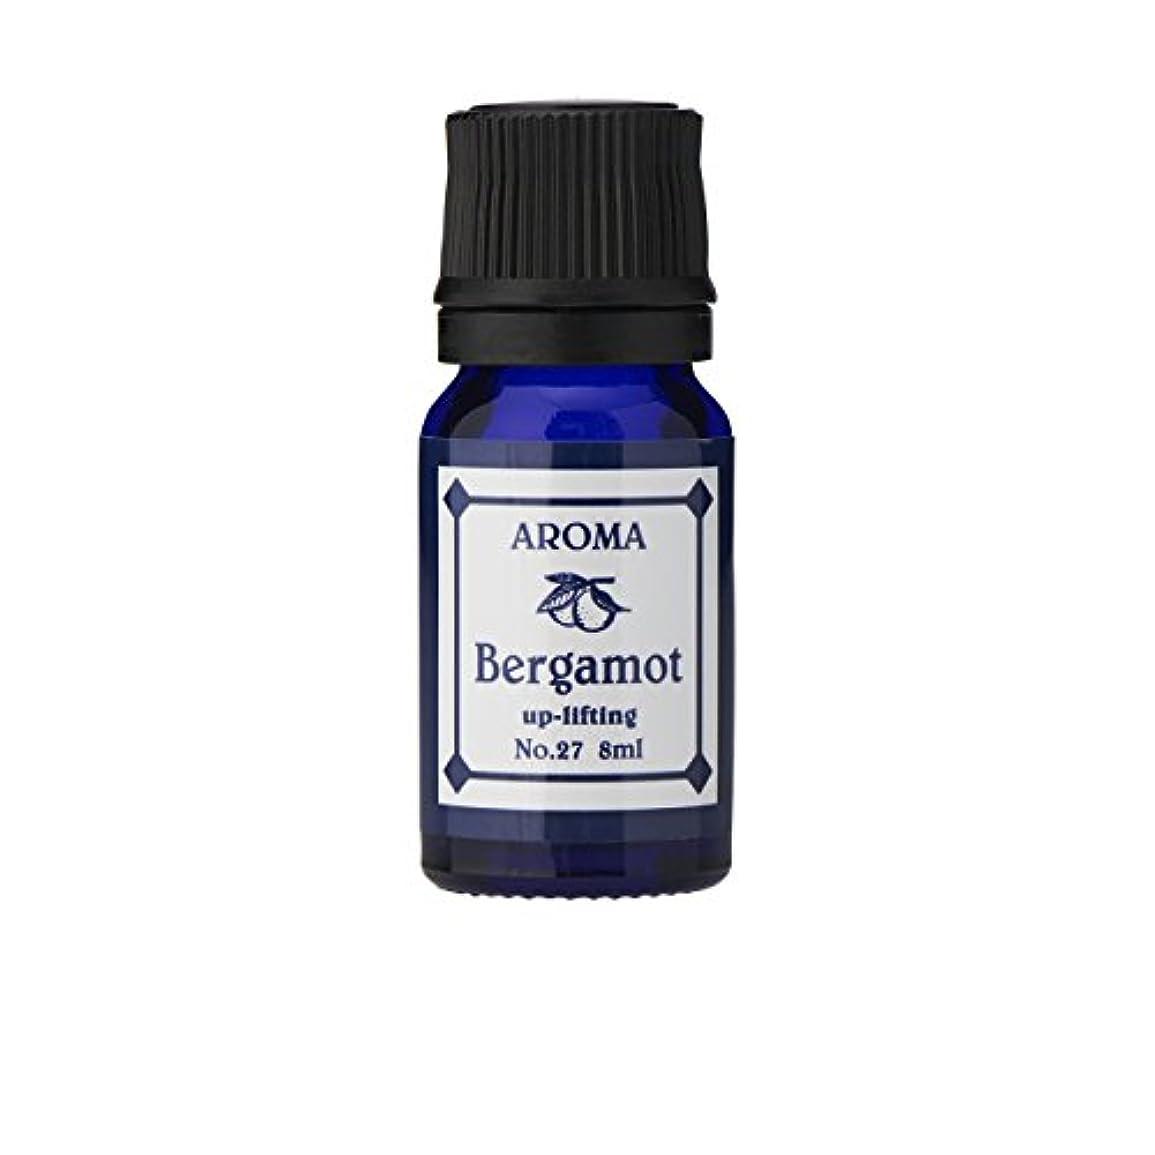 まっすぐ自分のために区別ブルーラベル アロマエッセンス8ml ベルガモット(アロマオイル 調合香料 芳香用)